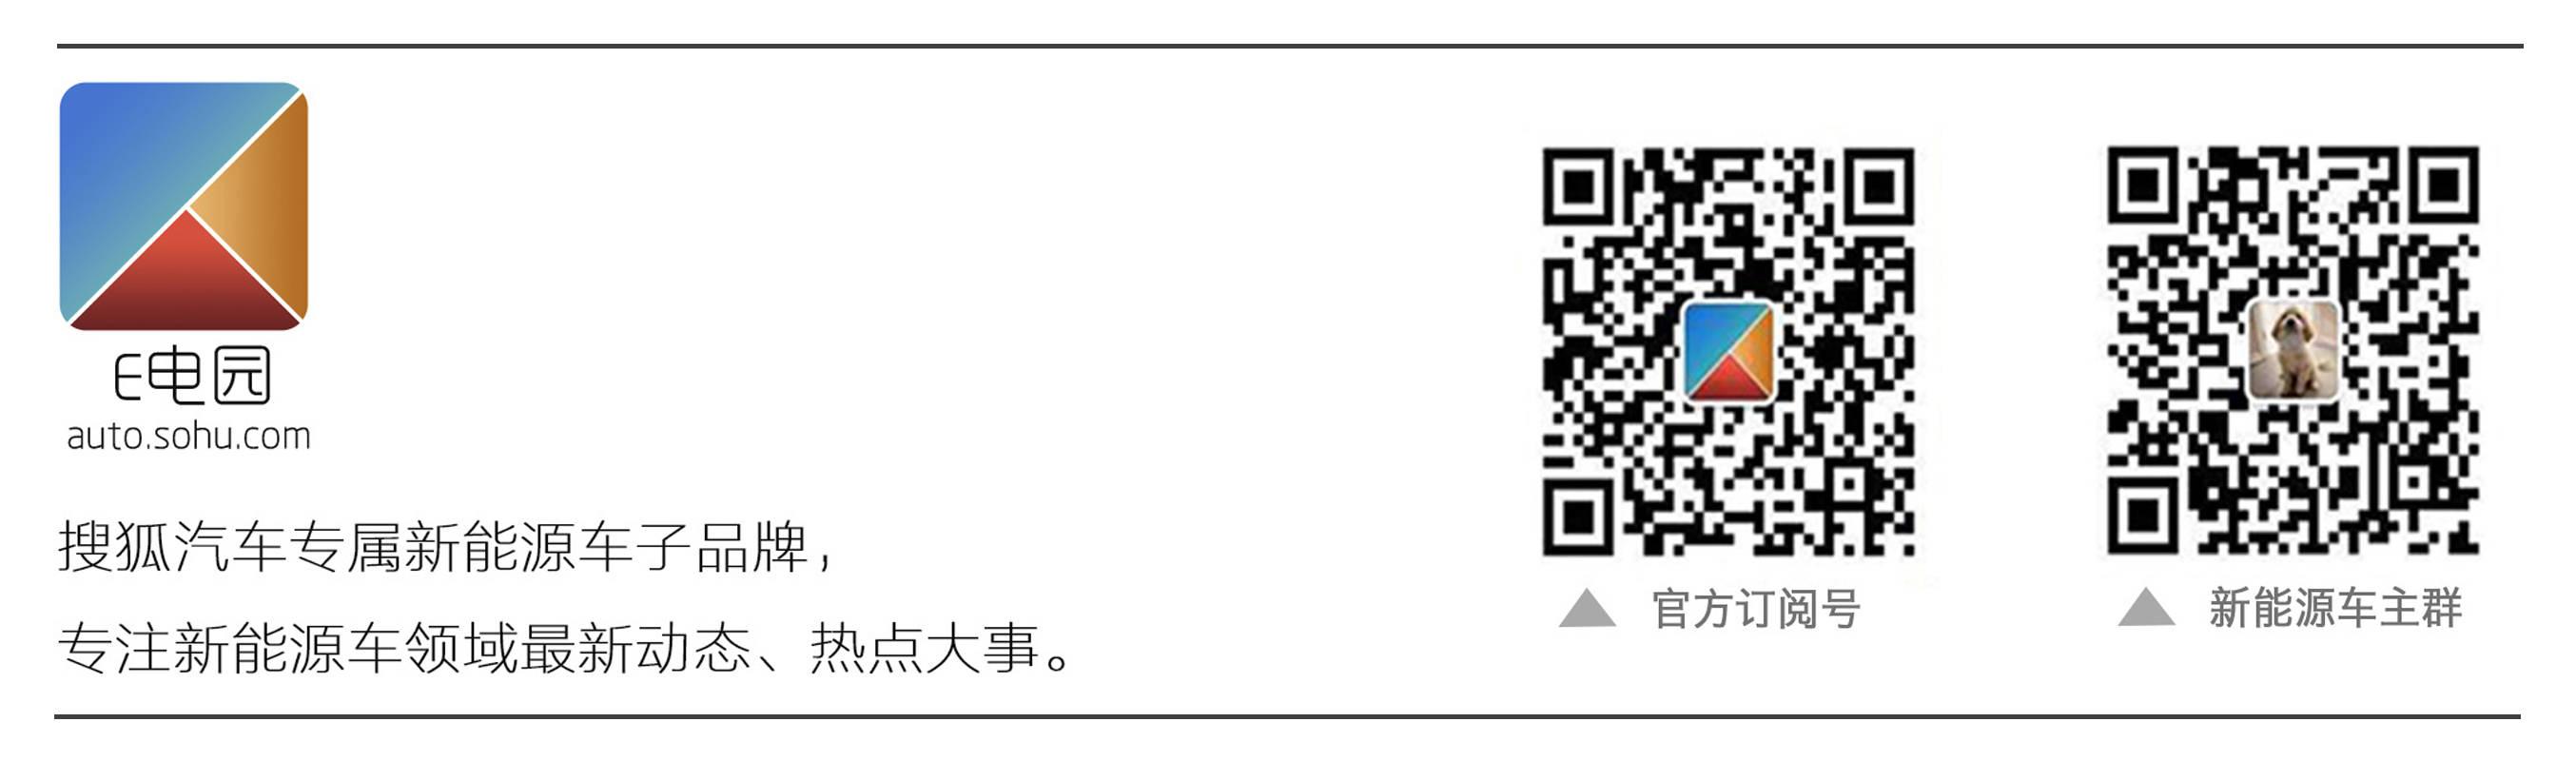 沐鸣代理-首页【1.1.1】